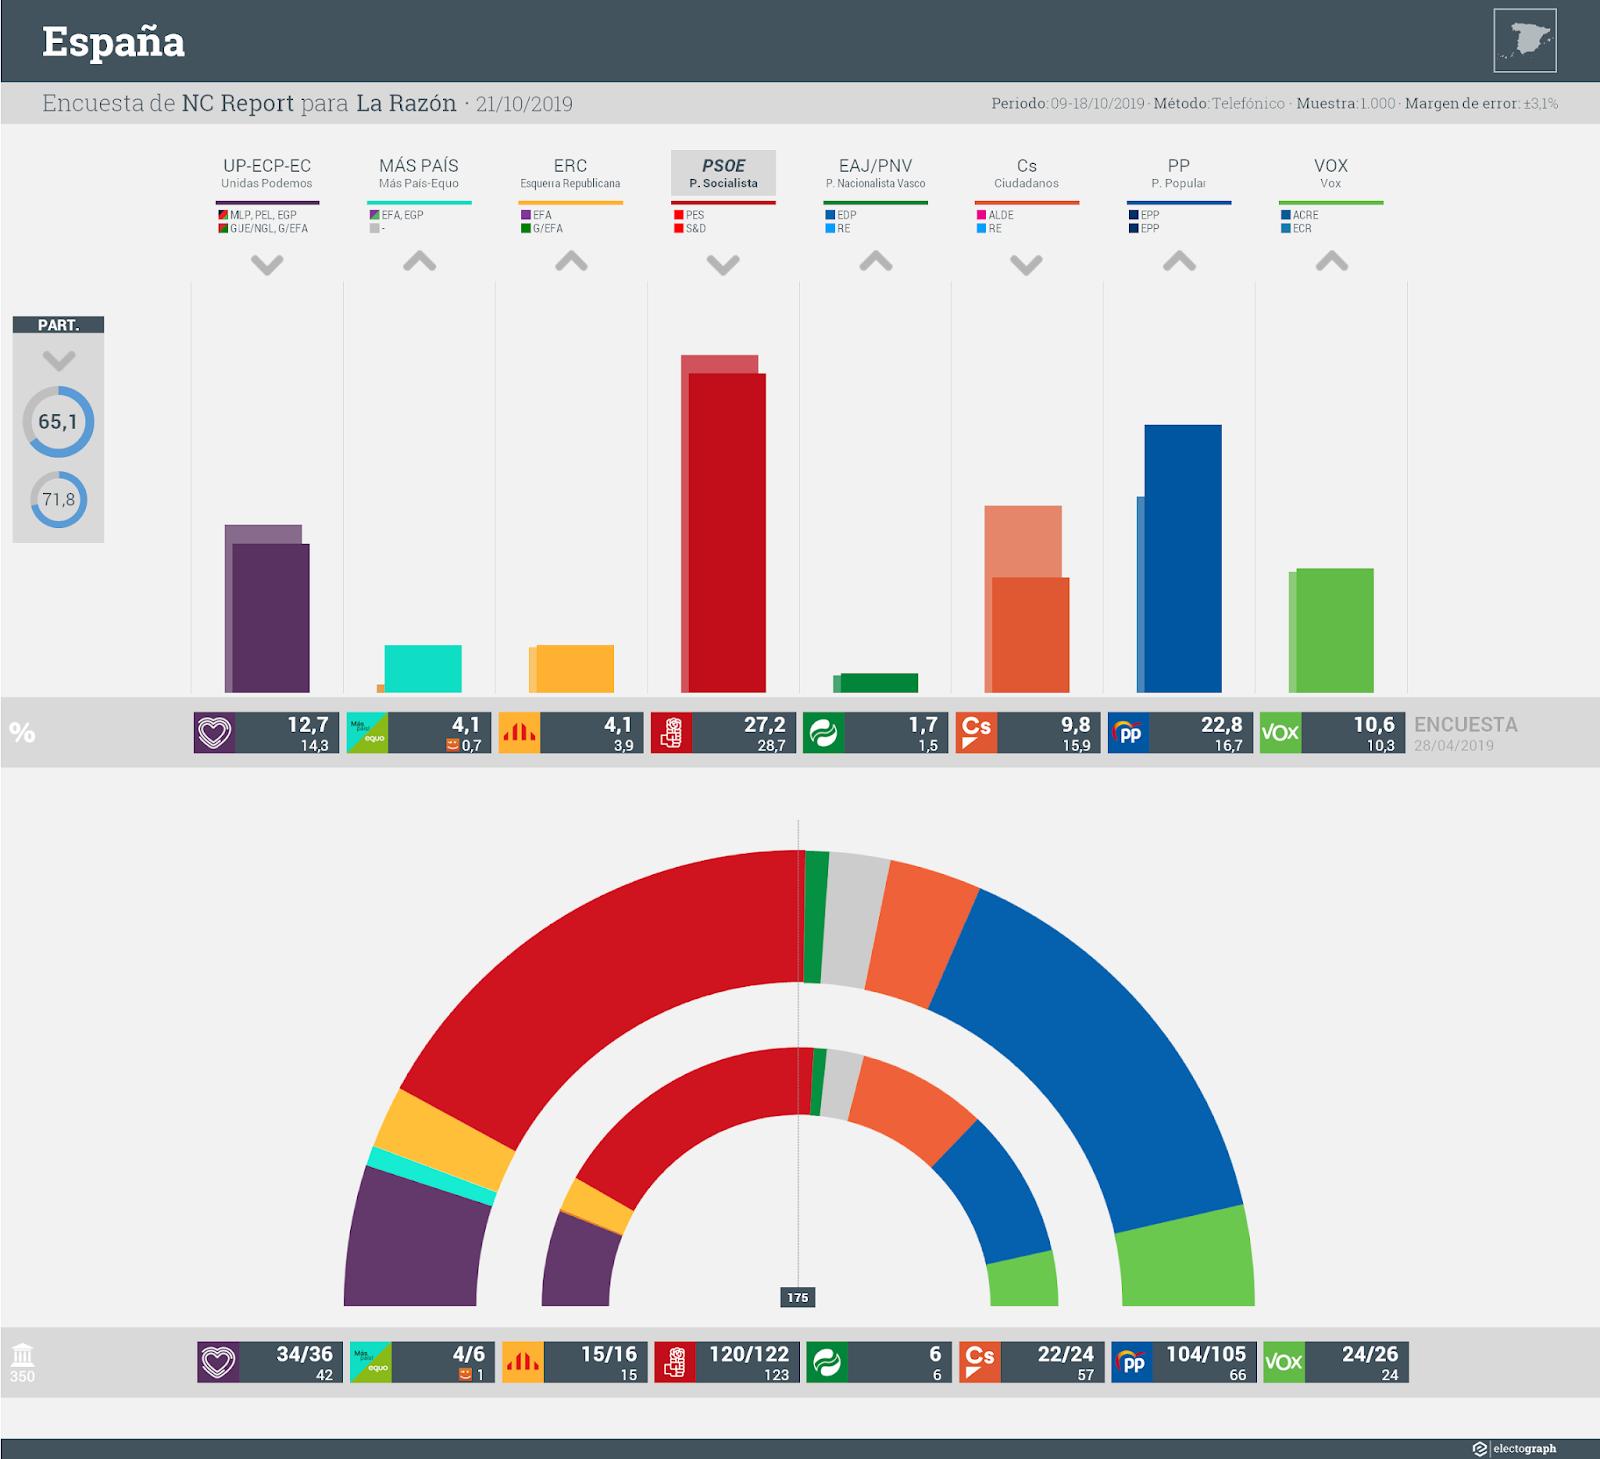 Gráfico de la encuesta para elecciones generales en España realizada por NC Report para La Razón, 21 de octubre de 2019